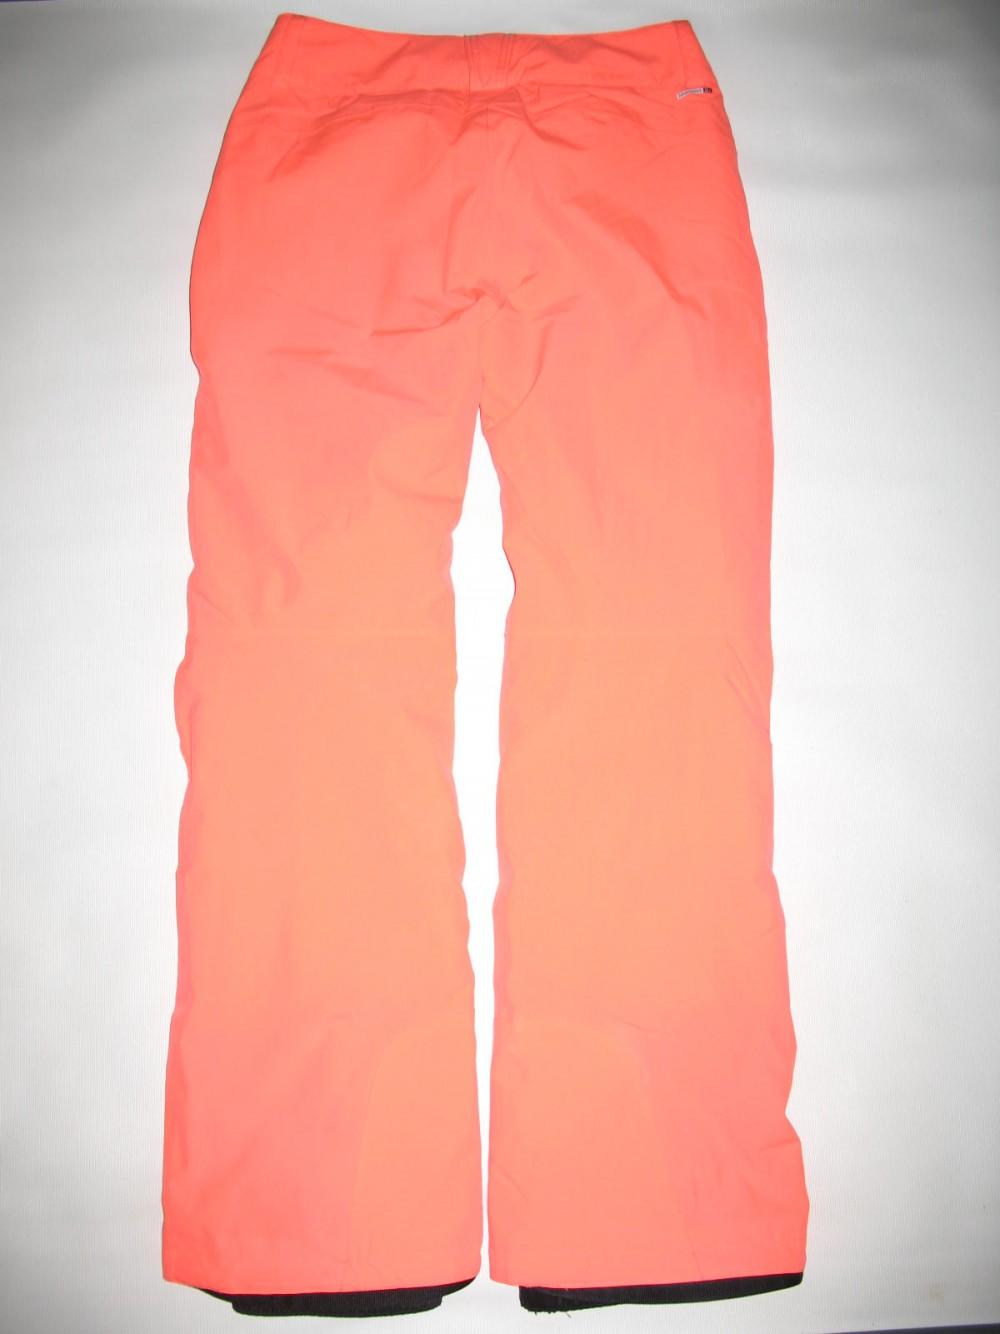 Штаны SALOMON icemania pants lady (размер M) - 1